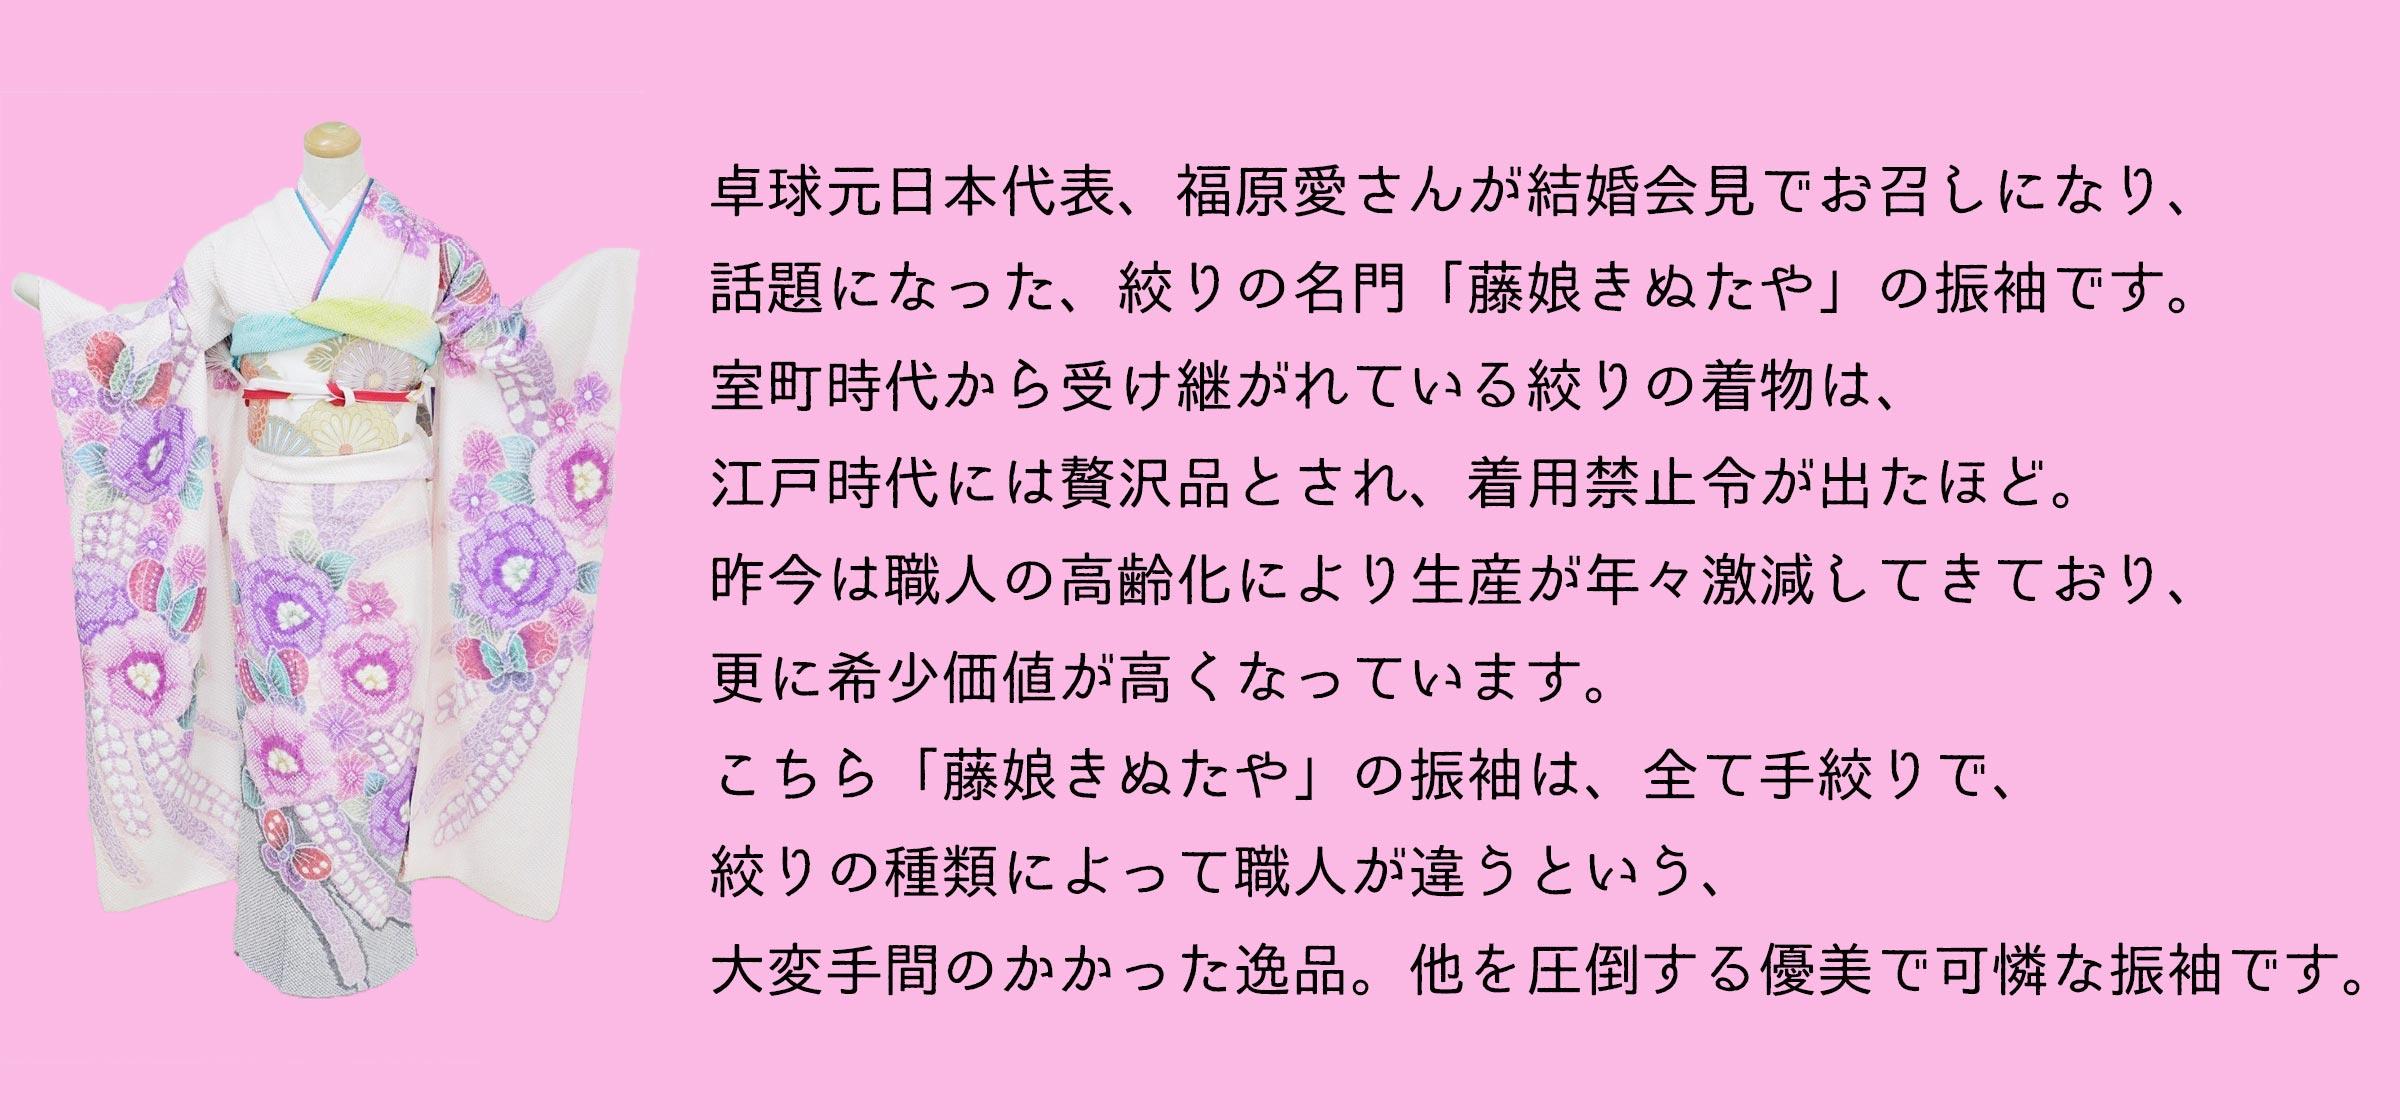 卓球元日本代表、福原愛さんが結婚会見でお召しになり、話題になった、絞りの名門「藤娘きぬたや」の振袖です。室町時代から受け継がれている絞りの着物は、江戸時代には贅沢品とされ、着用禁止令が出たほど。昨今は職人の高齢化により生産が年々激減してきており、更に希少価値が高くなっています。こちら「藤娘きぬたや」の振袖は、全て手絞りで、絞りの種類によって職人が違うという、大変手間のかかった逸品。他を圧倒する優美で可憐な振袖です。